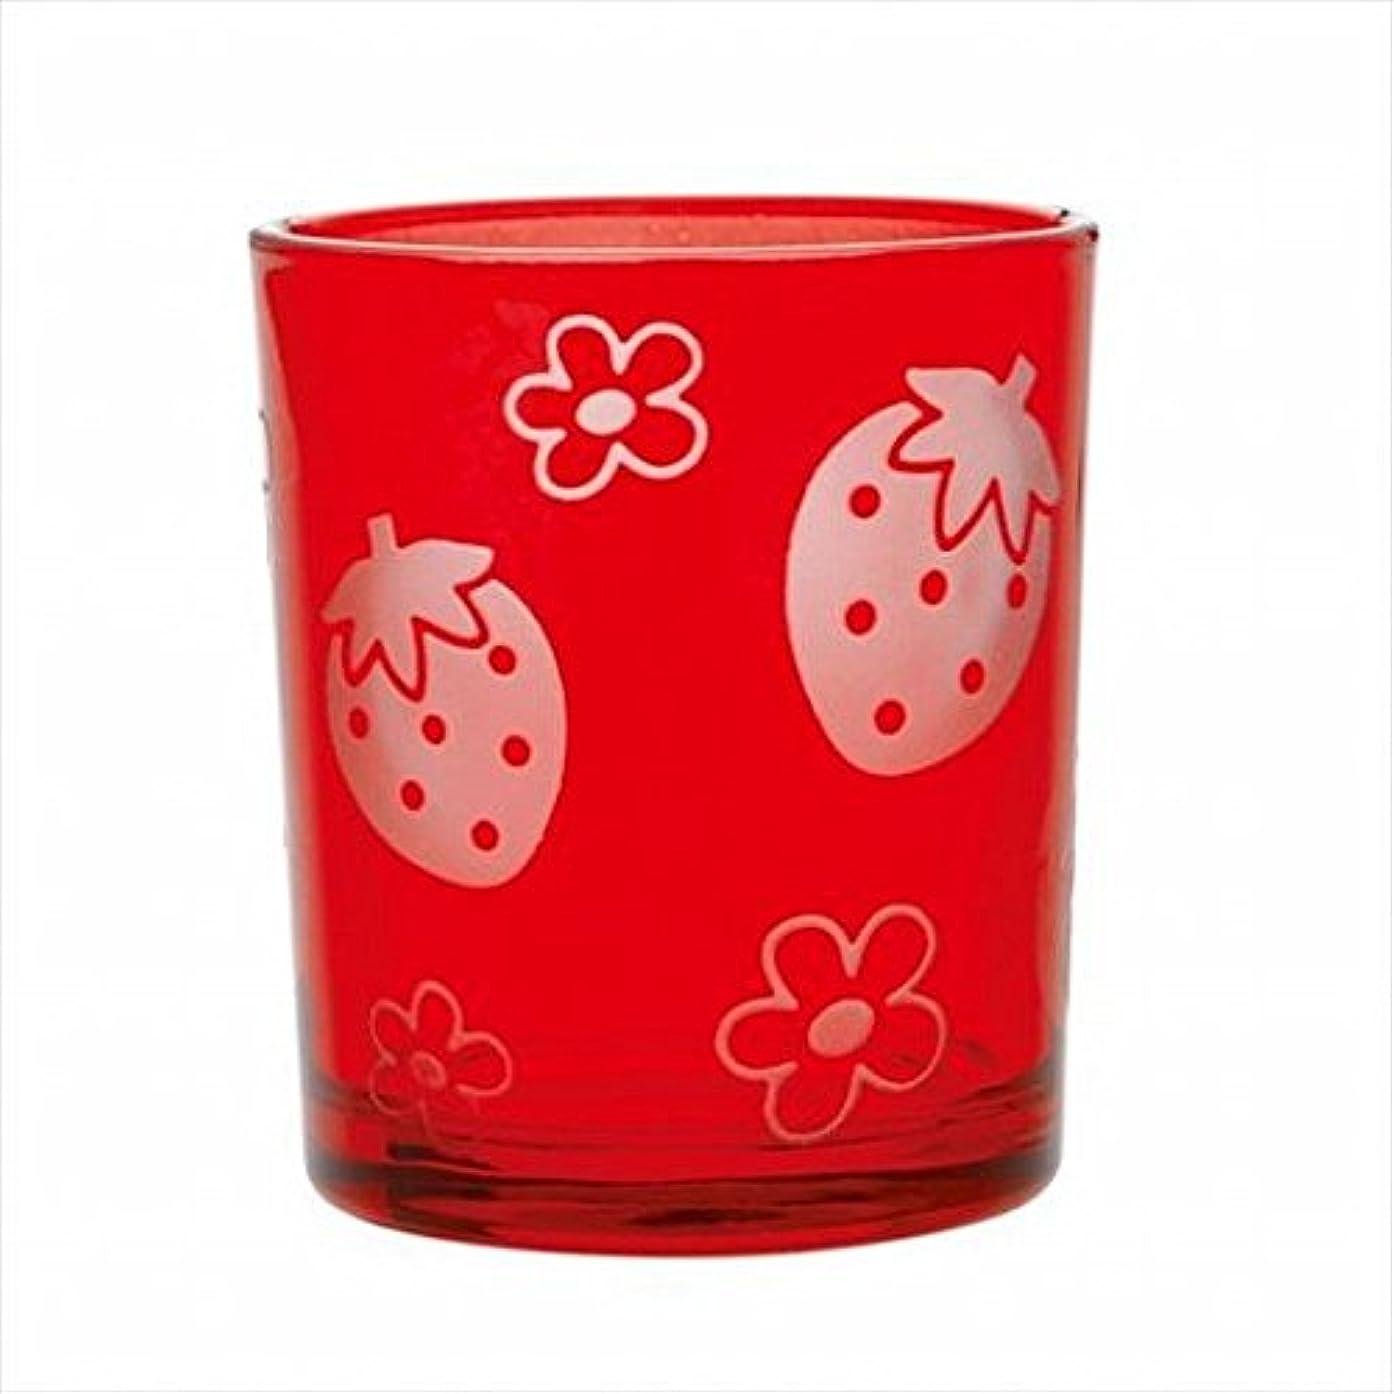 より多いメールを書く部屋を掃除するsweets candle(スイーツキャンドル) いちごフロストカップ 「 レッド 」 キャンドル 55x55x65mm (J1490040R)